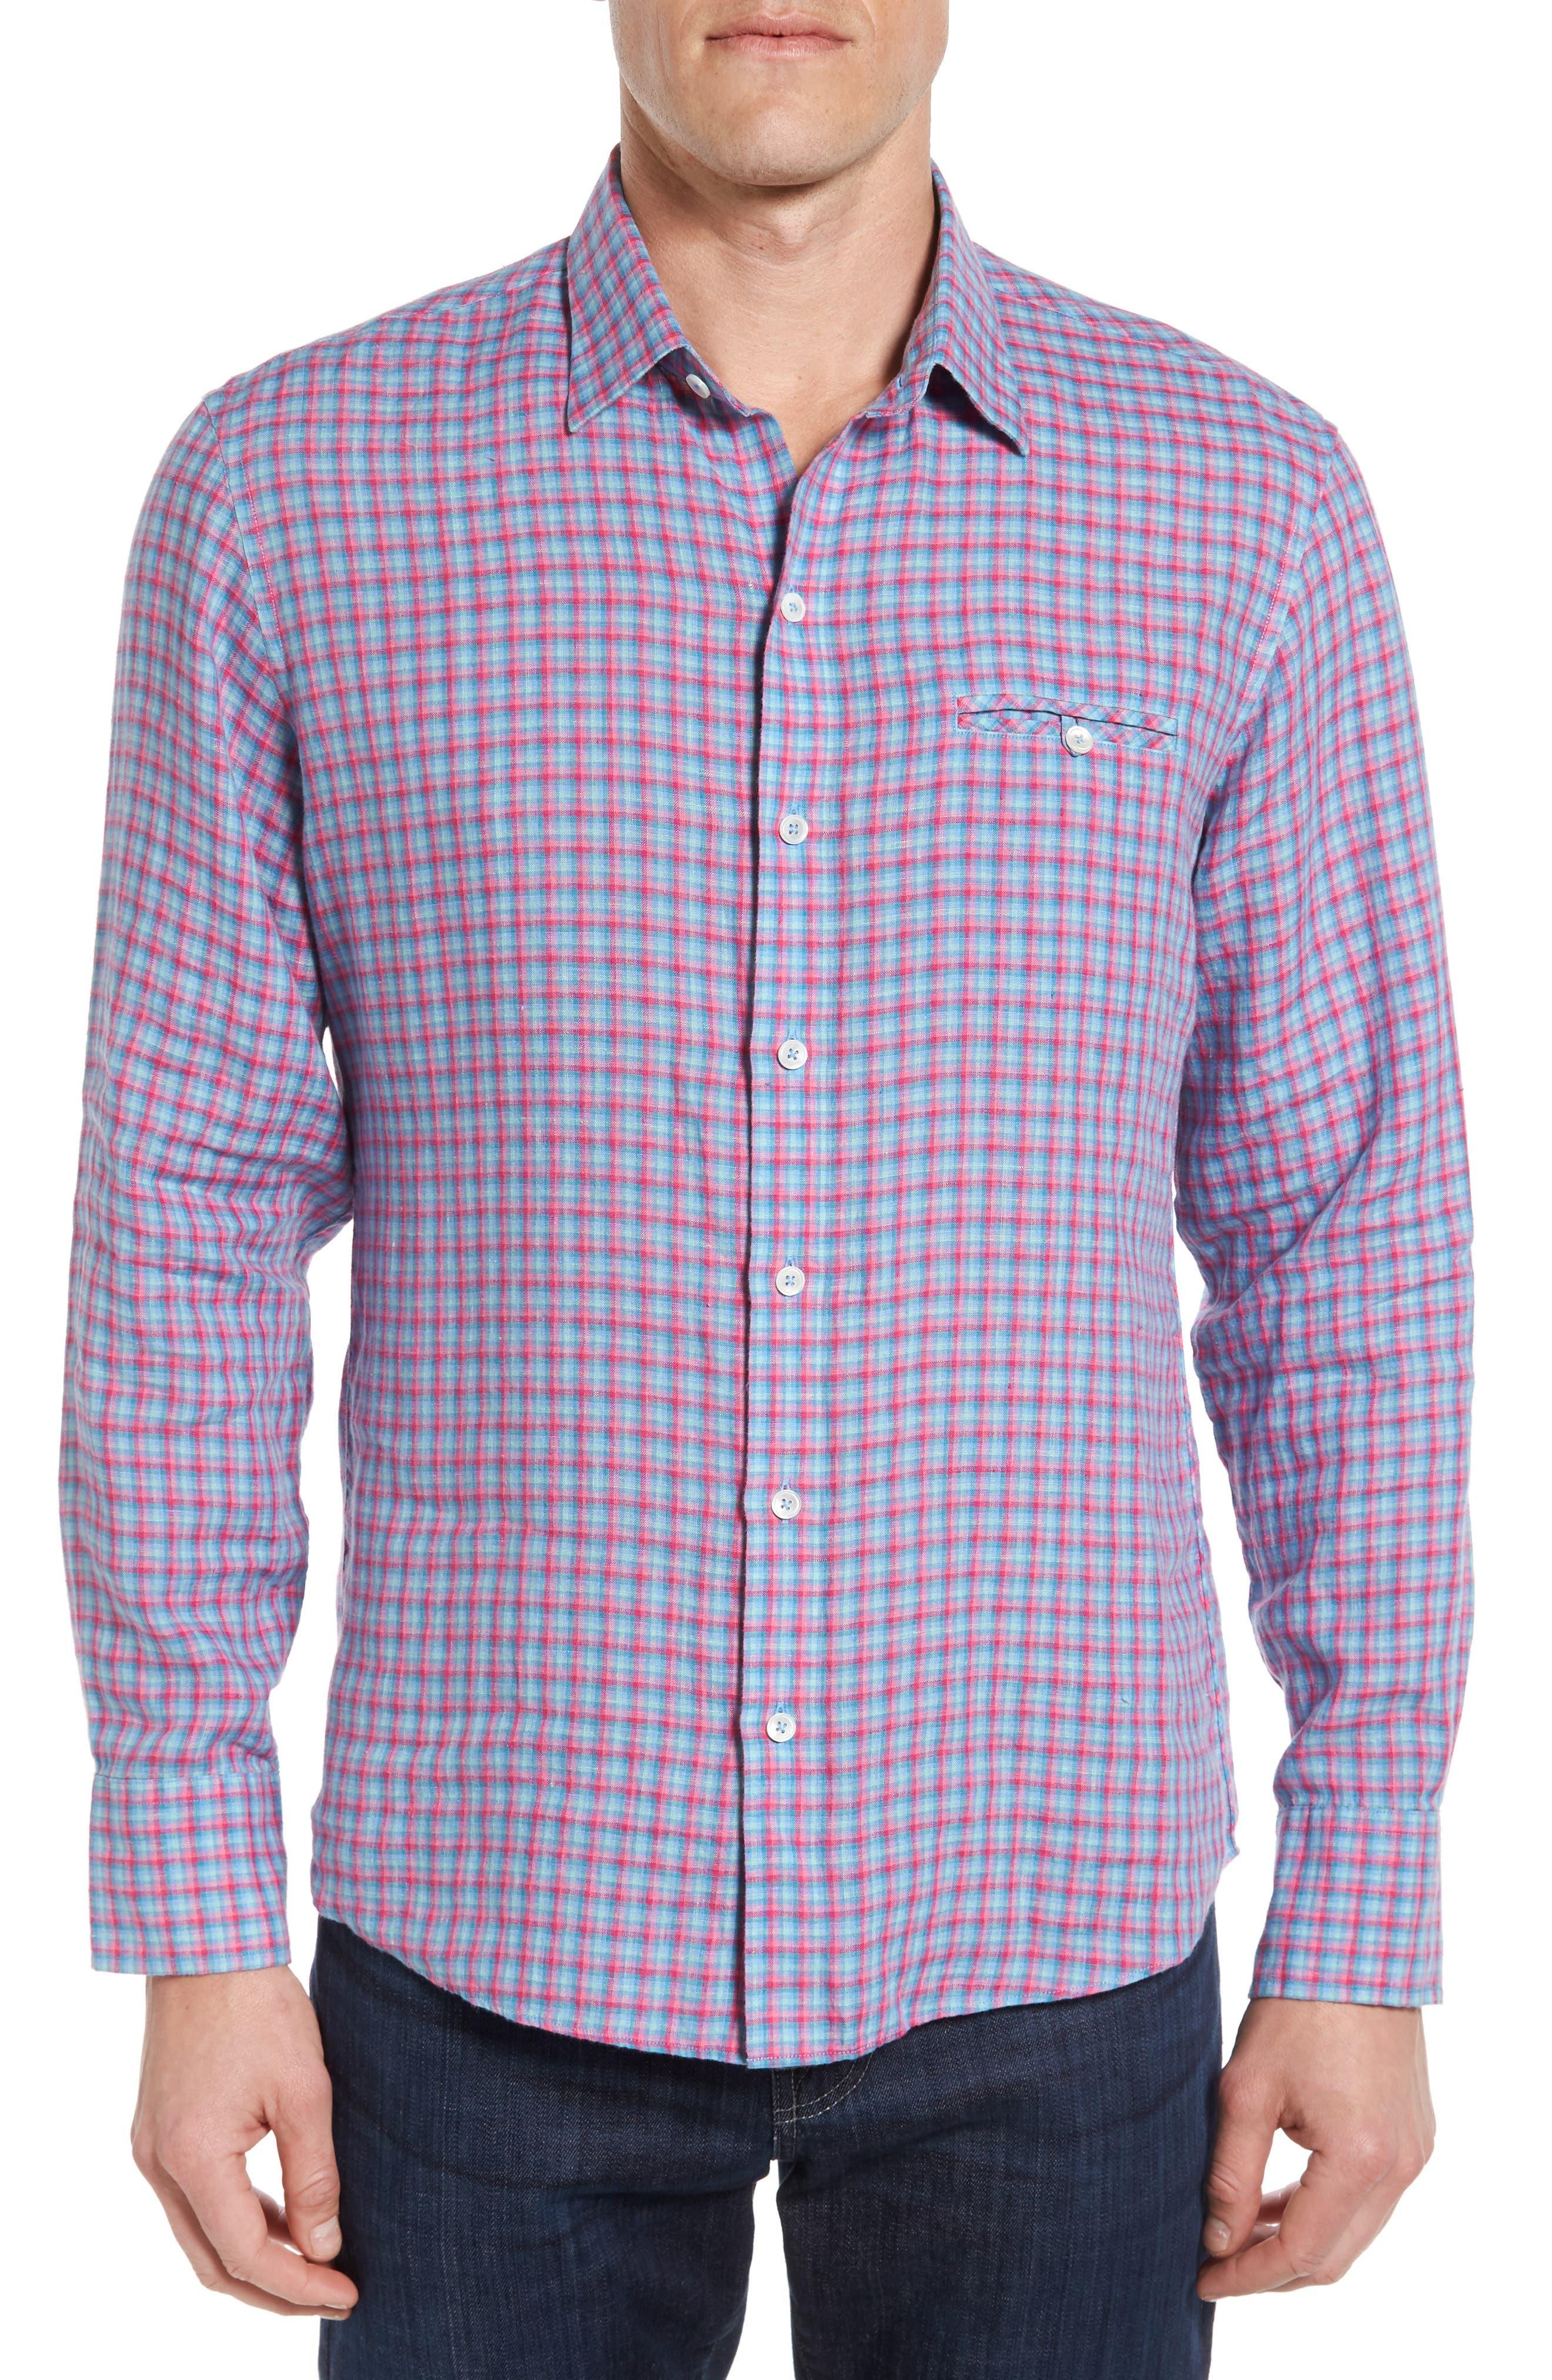 Althoff Plaid Linen Sport Shirt,                             Main thumbnail 1, color,                             PINK